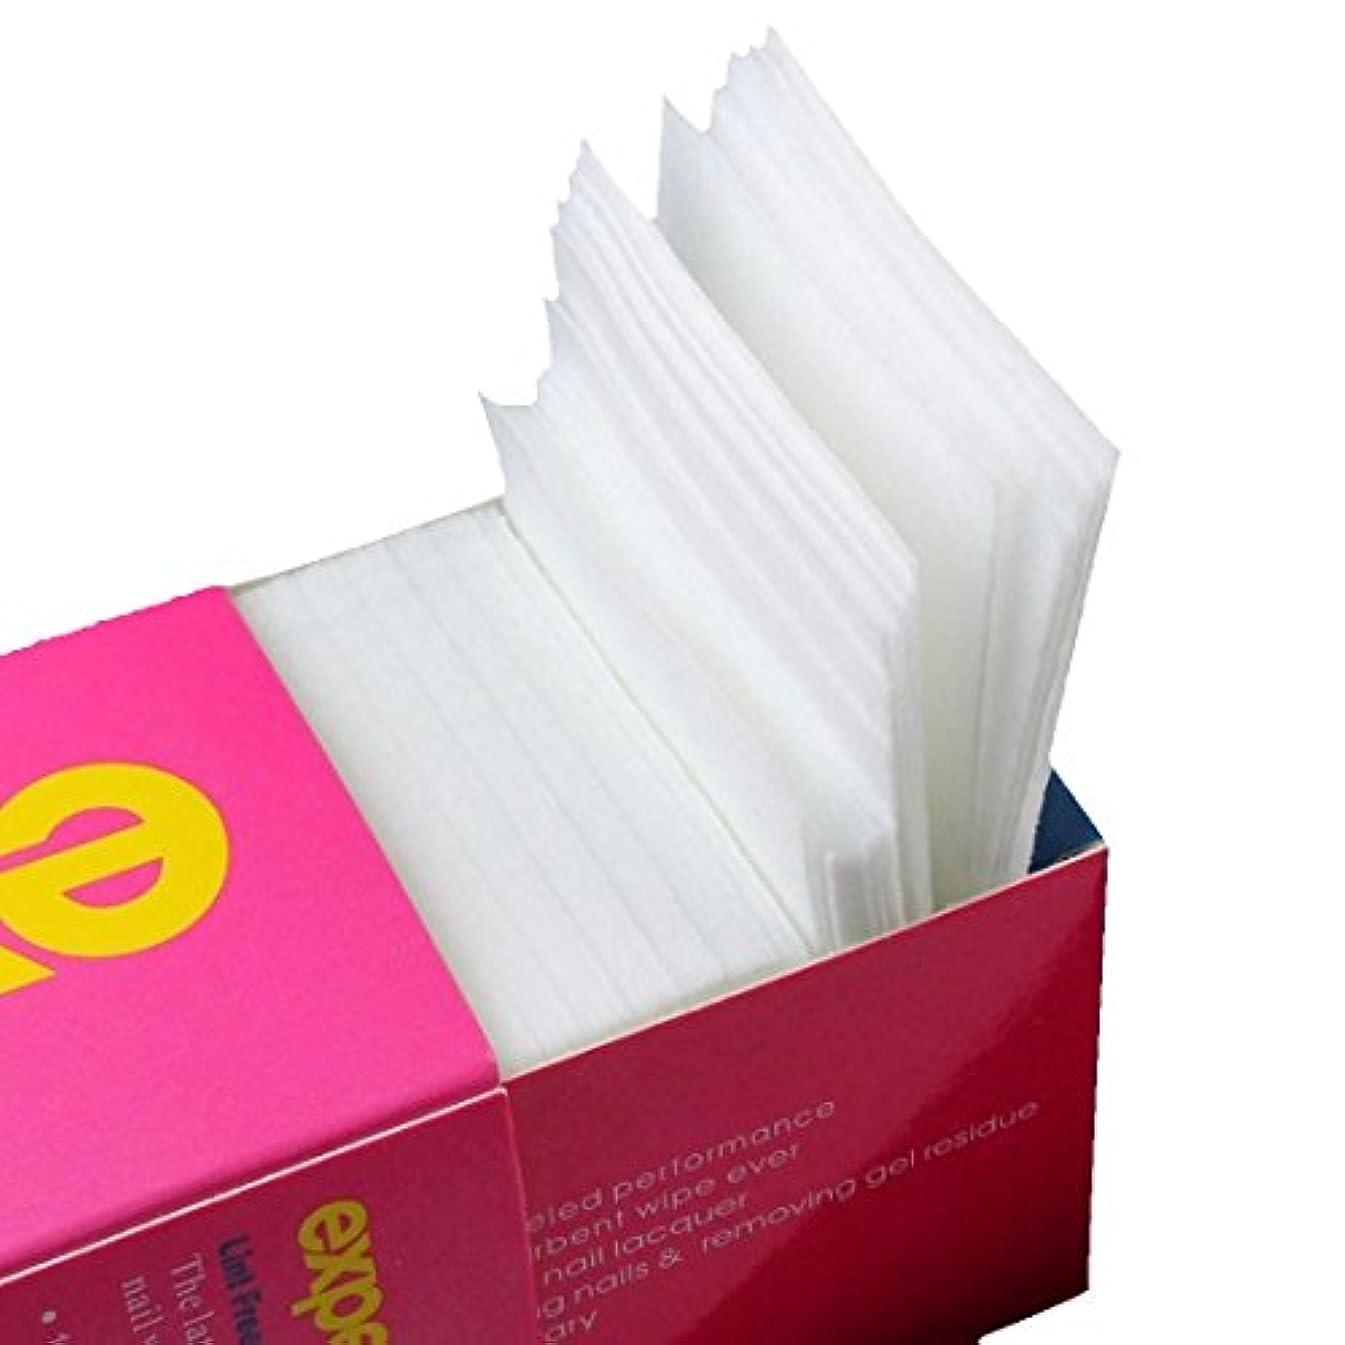 書き込み硬いその間CUHAWUDBA 325枚ネイルワイプリントフリーコットンパッド、ネイルジェル除去用不織布綿シートネイルポリッシュクリーニングパッド